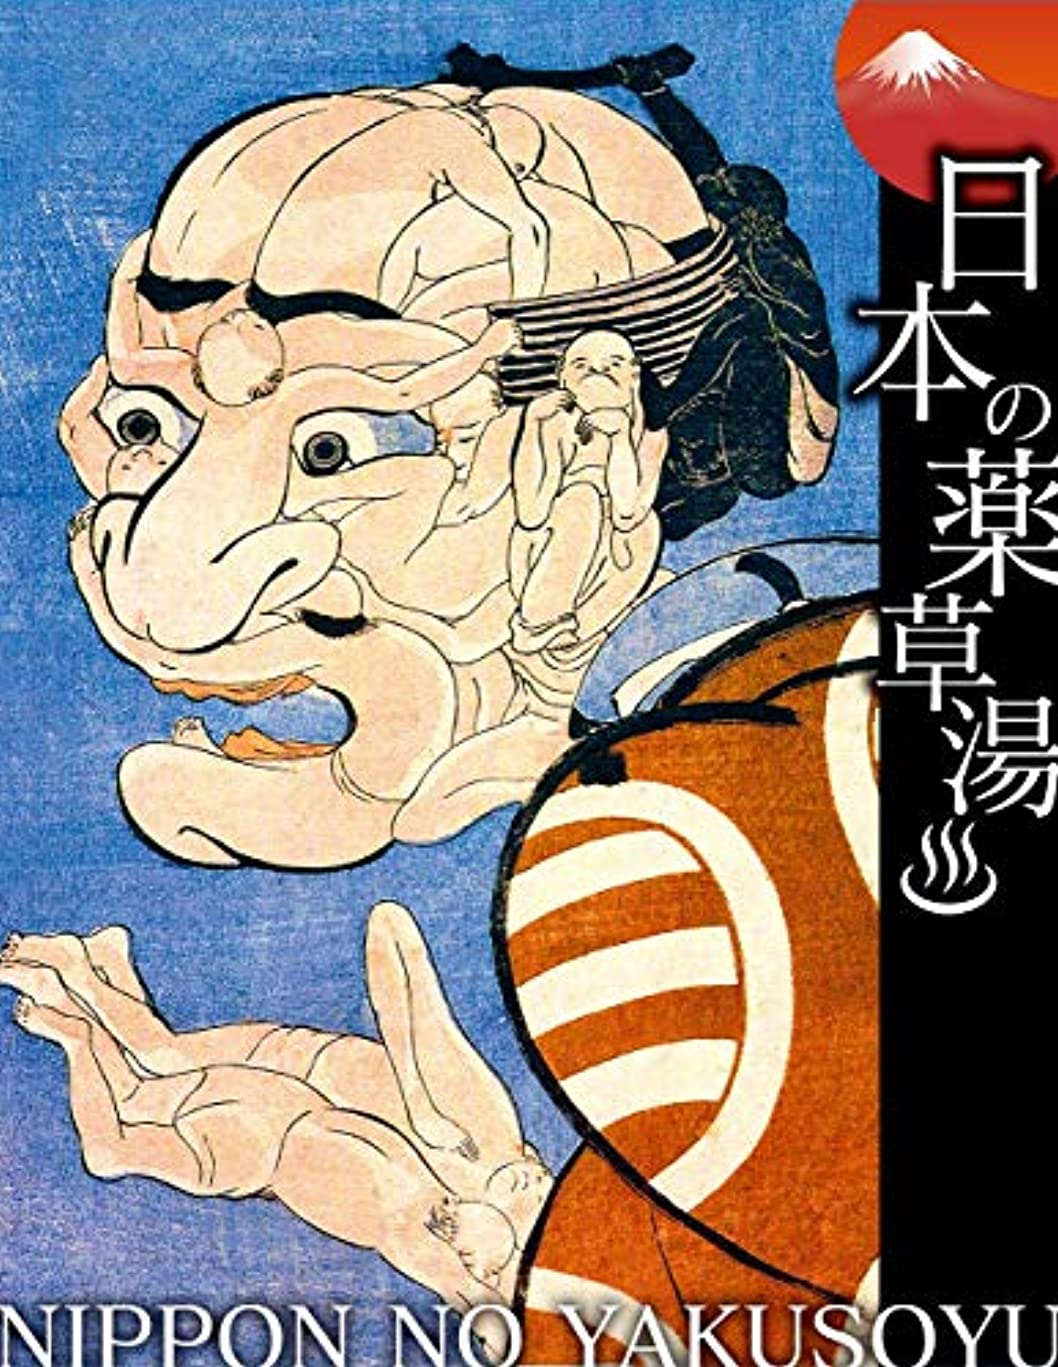 カウンターパートレビューローラー日本の薬草湯 みかけハこハゐがとんだいゝ人だ